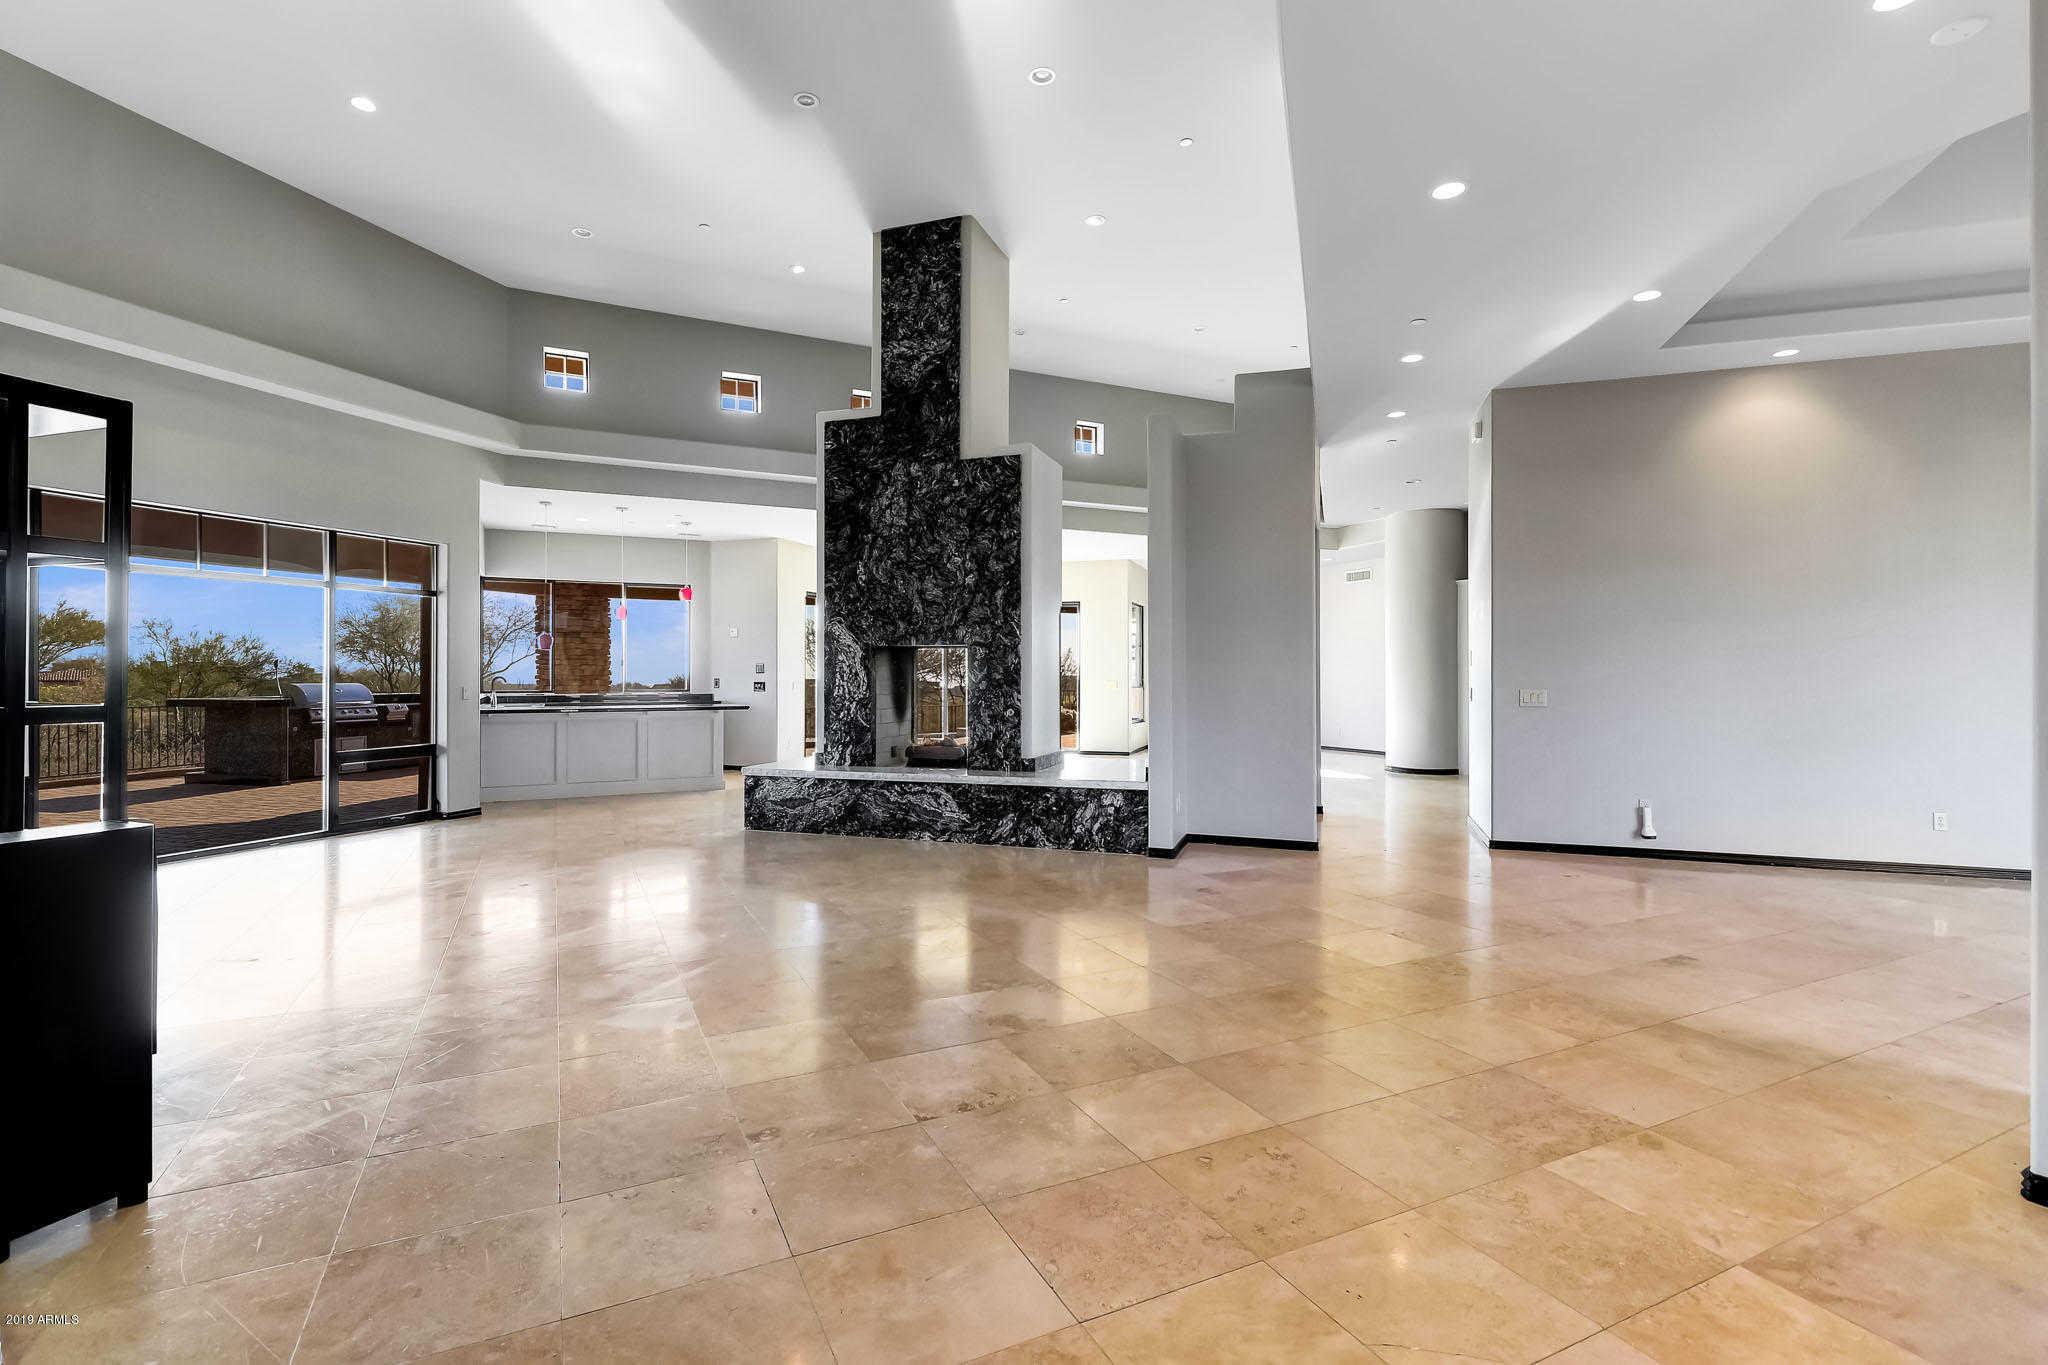 $1,875,000 - 5Br/6Ba - Home for Sale in Mirabel Village 14, Scottsdale